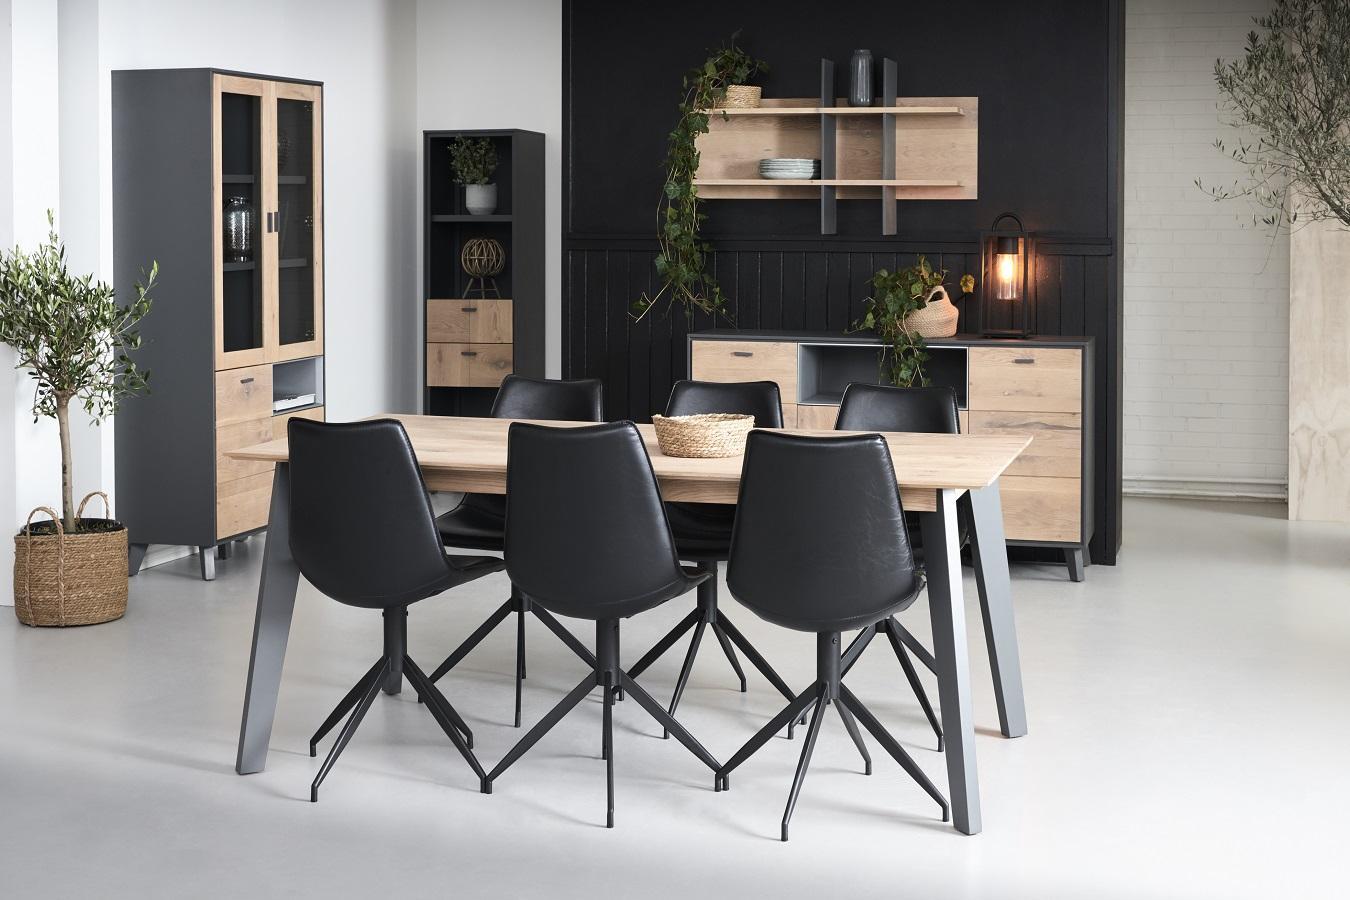 Moderní jídelní stůl rozkládací Aakil, 200 - 300cm